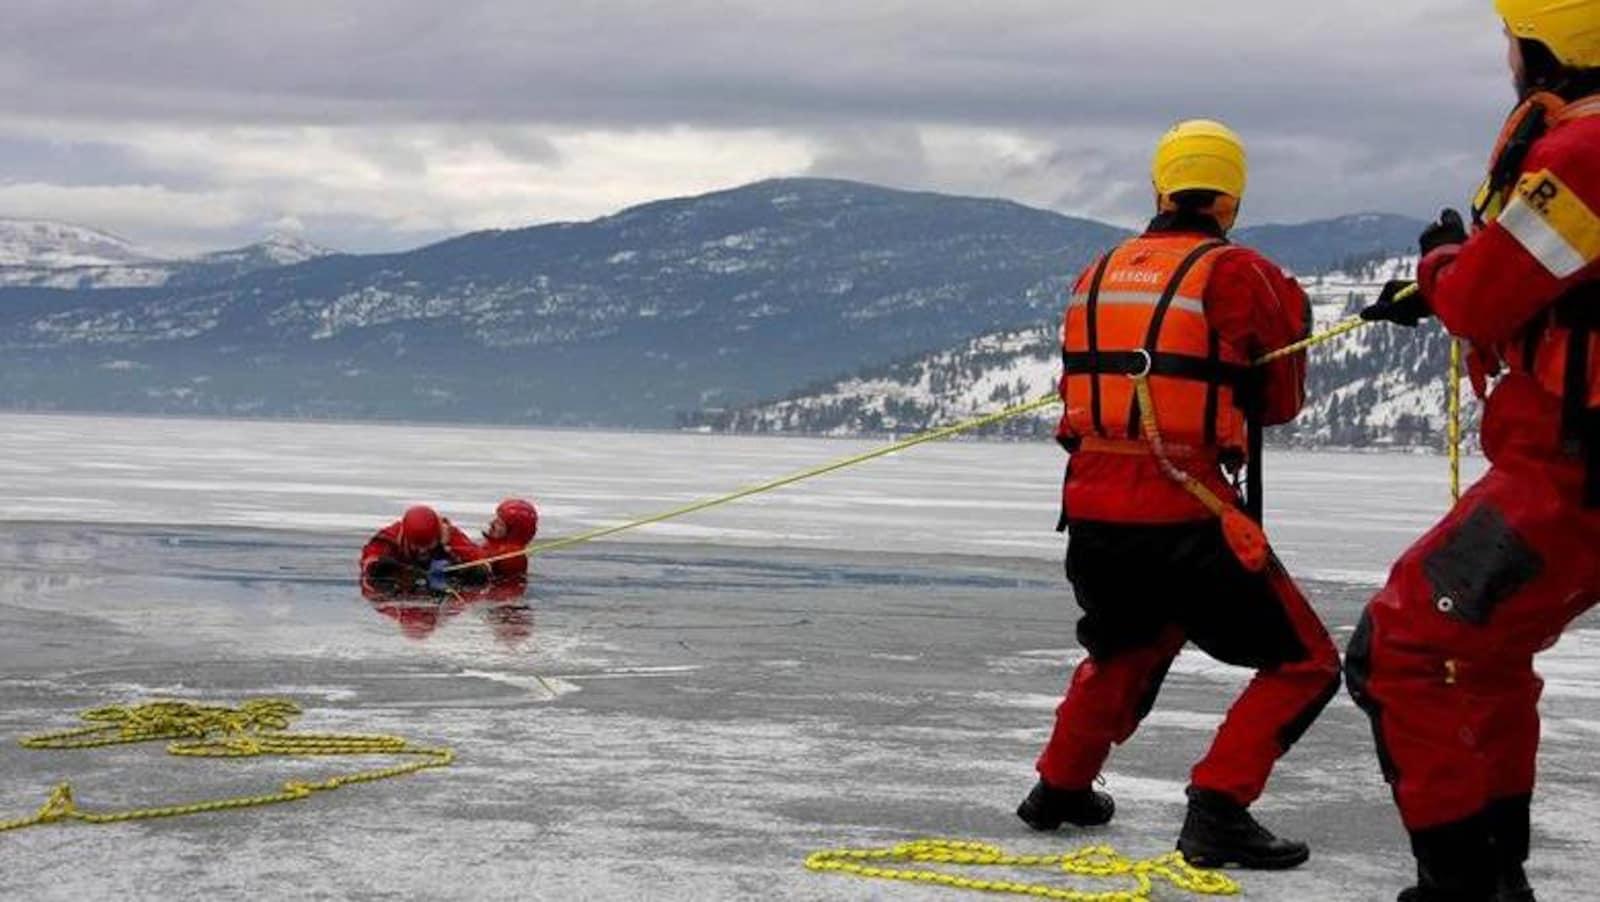 Des sauveteurs repêchent une personne d'un lac glacé.